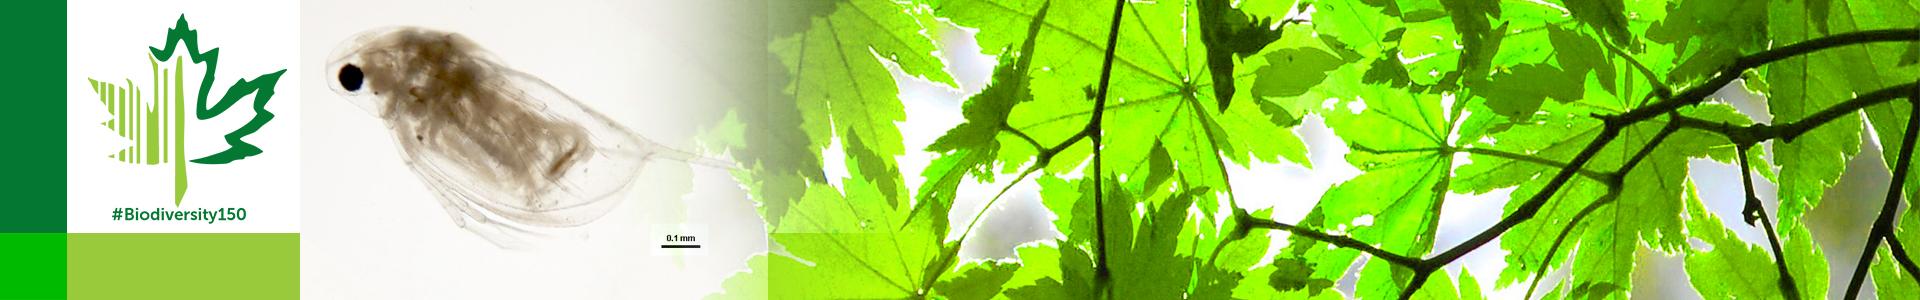 #Biodiversity150 number 52 of 150 Daphnia pulex